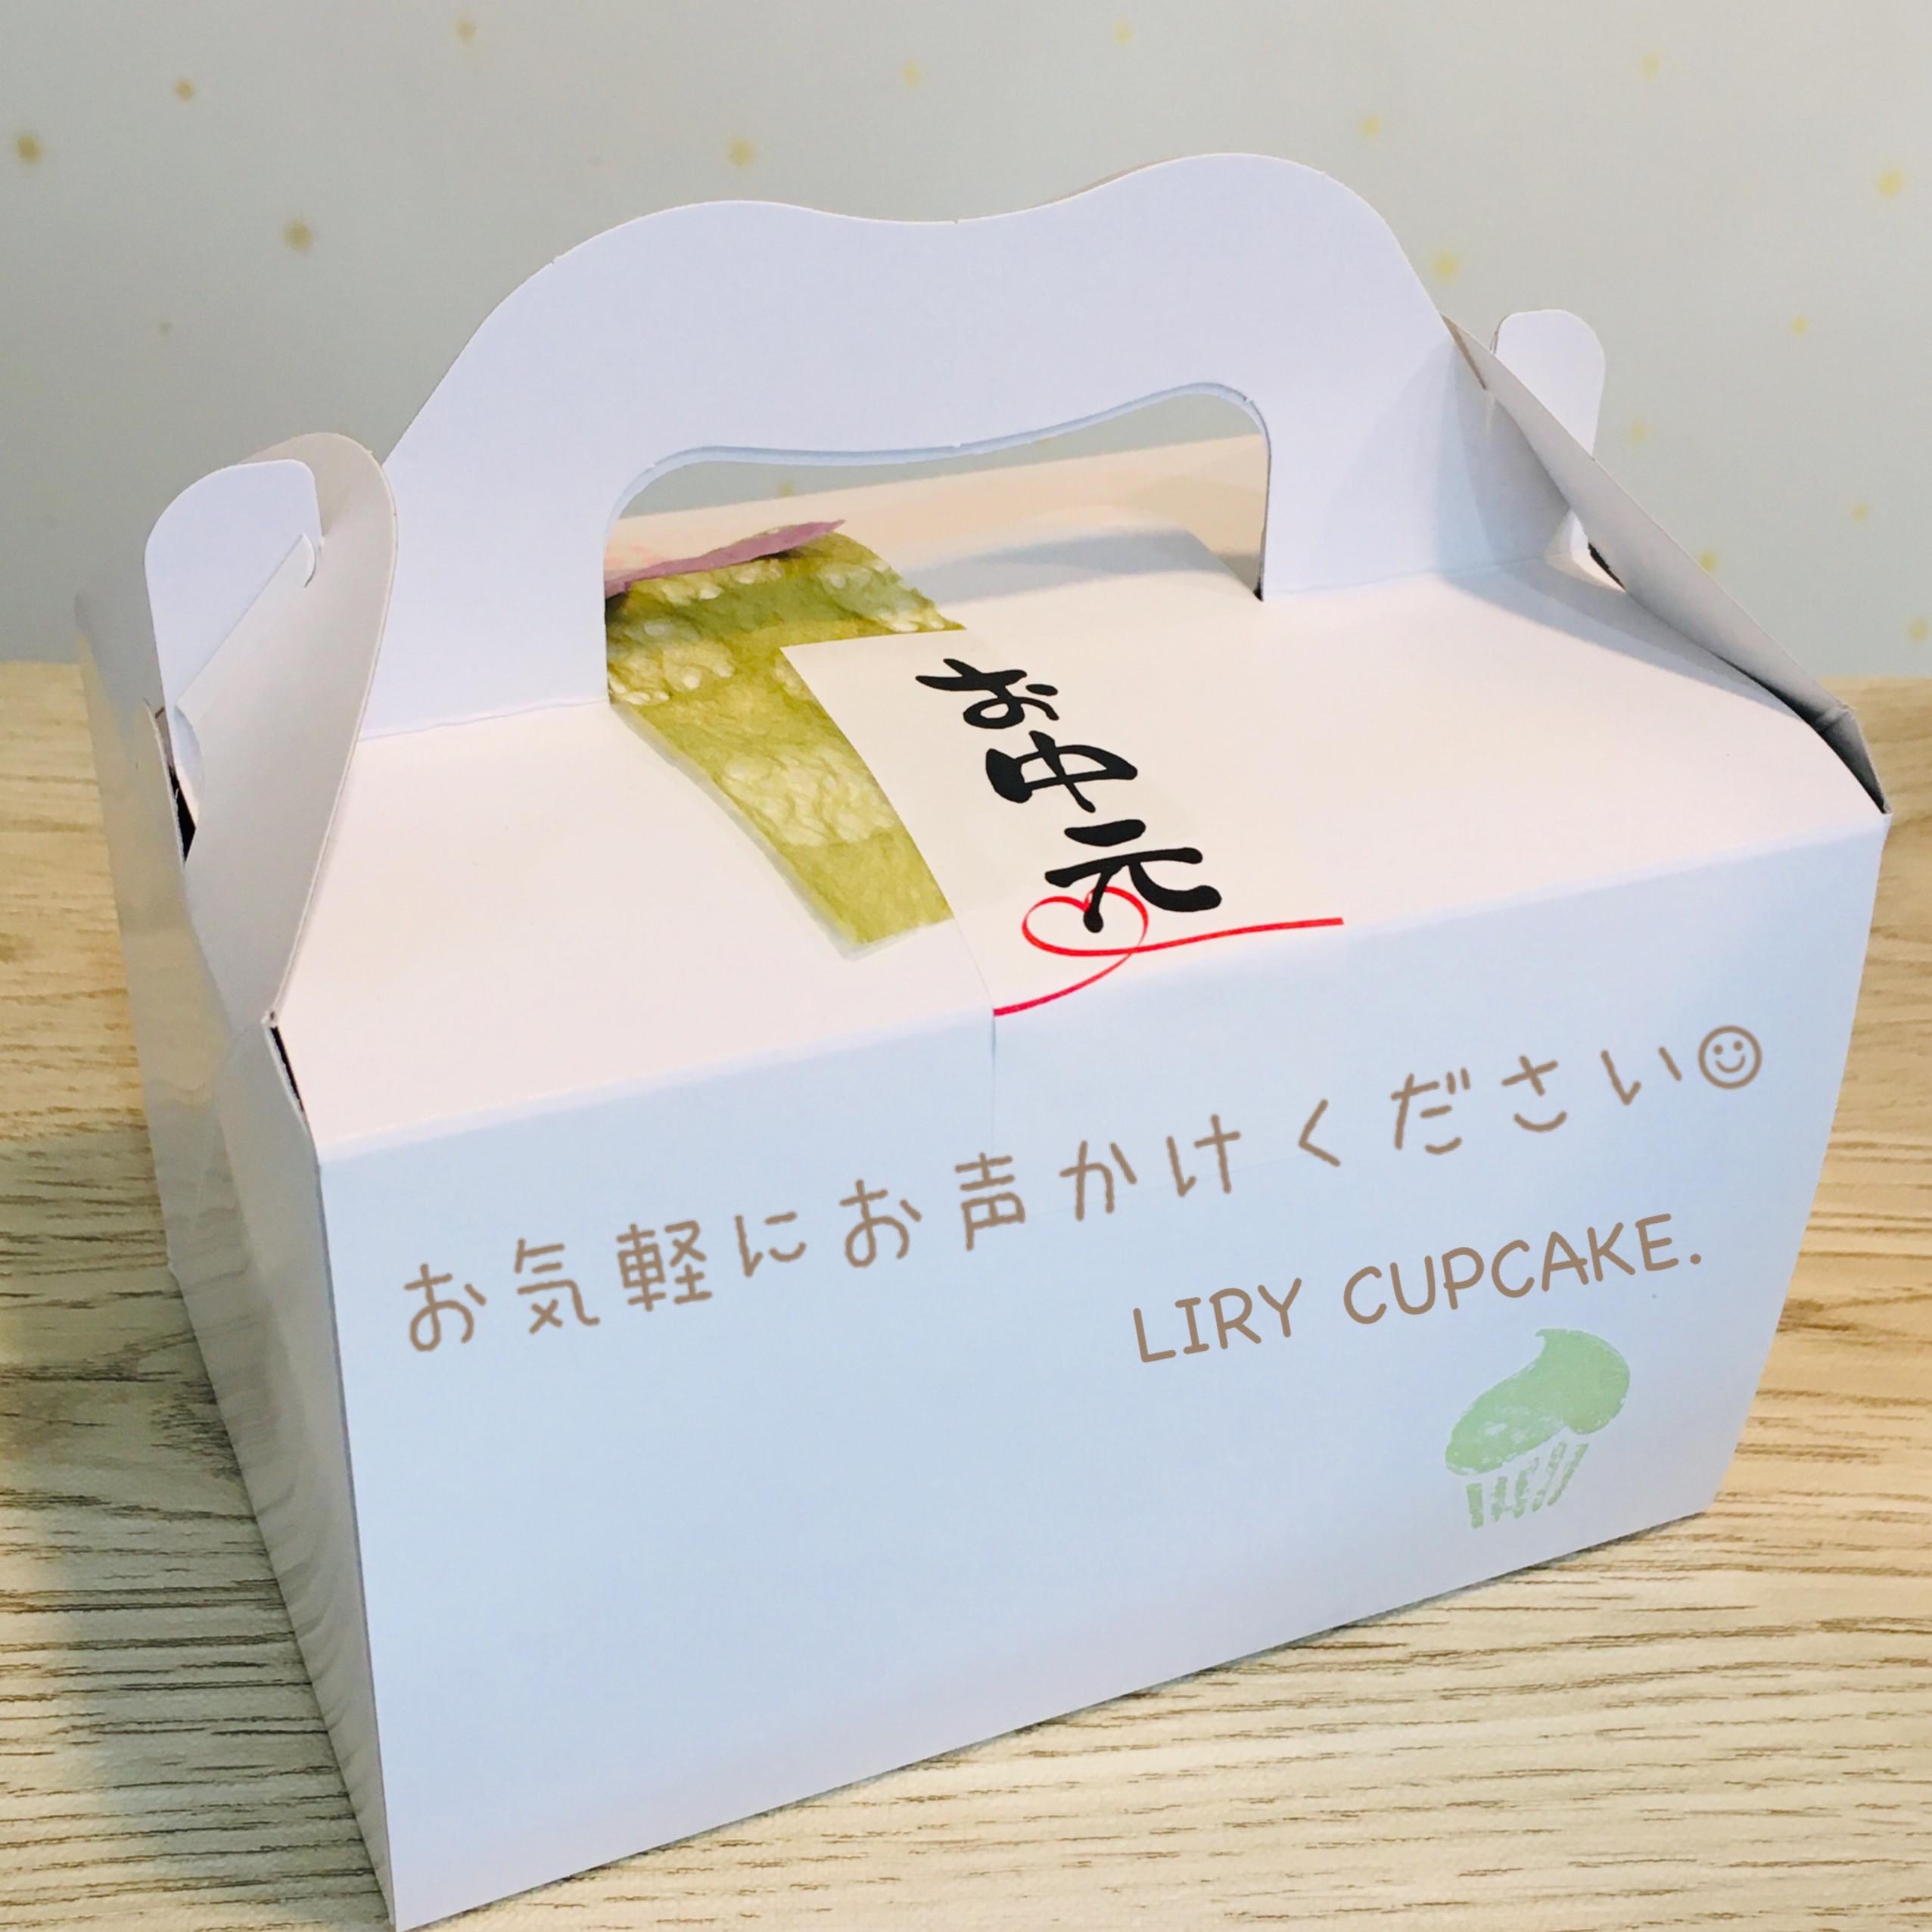 ケーキBOXも 無料限定ラッピング☆ お声かけください♡>